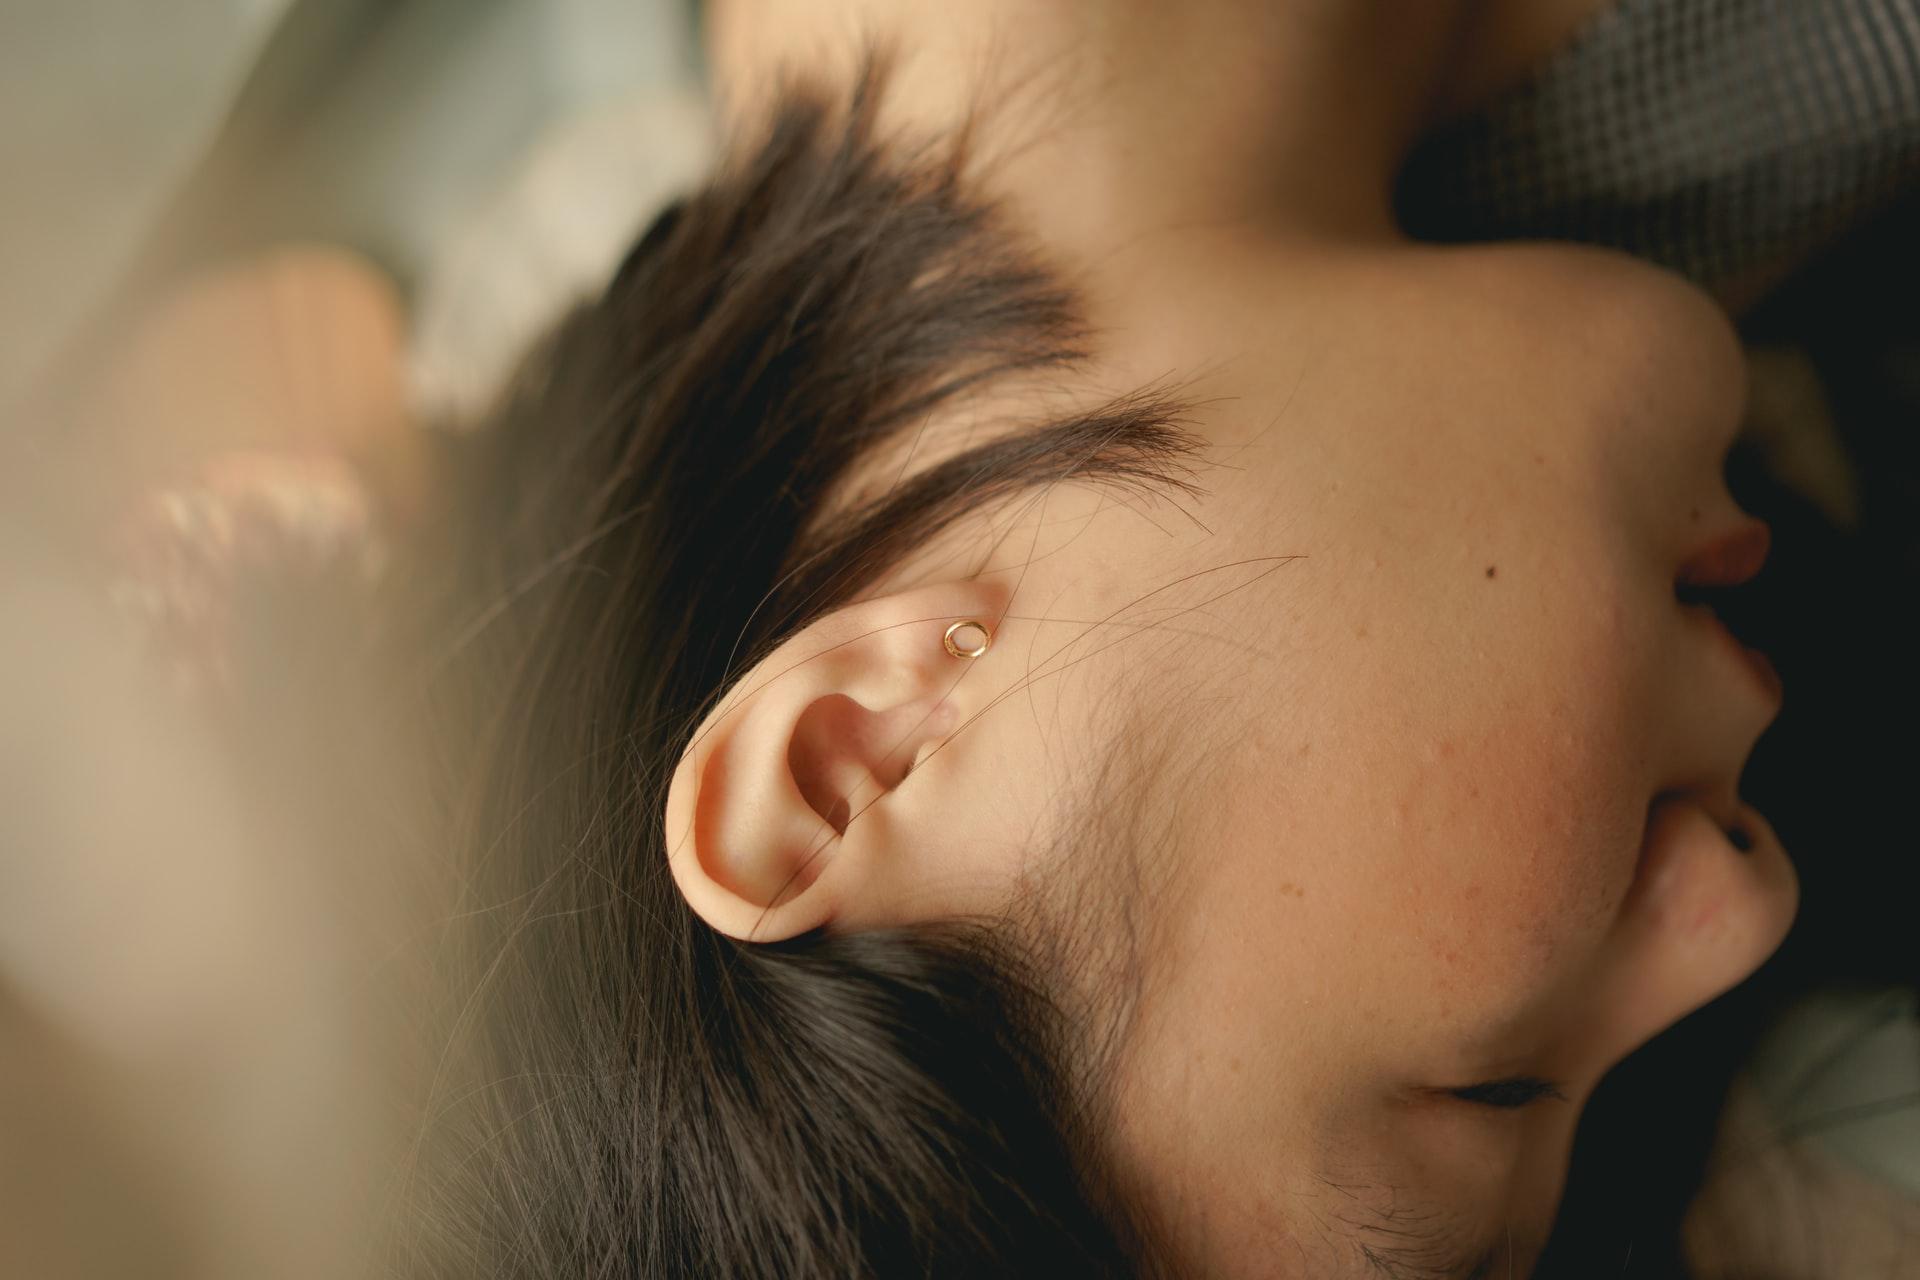 Жёлтые выделения из уха - симптомы, причины и лечение